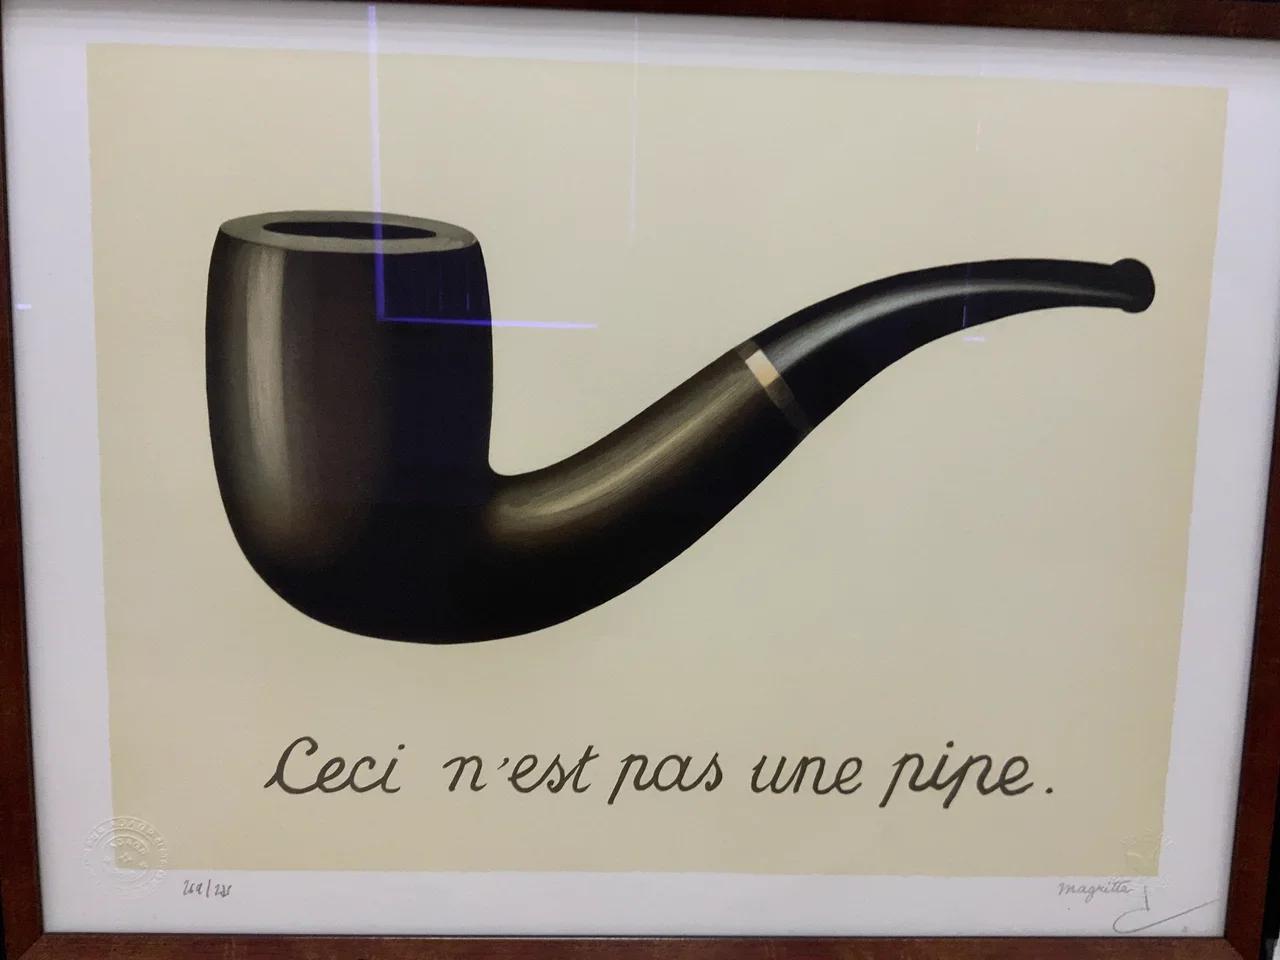 Рене Магритт «Вероломство образов (Это не трубка)» (1928-29)